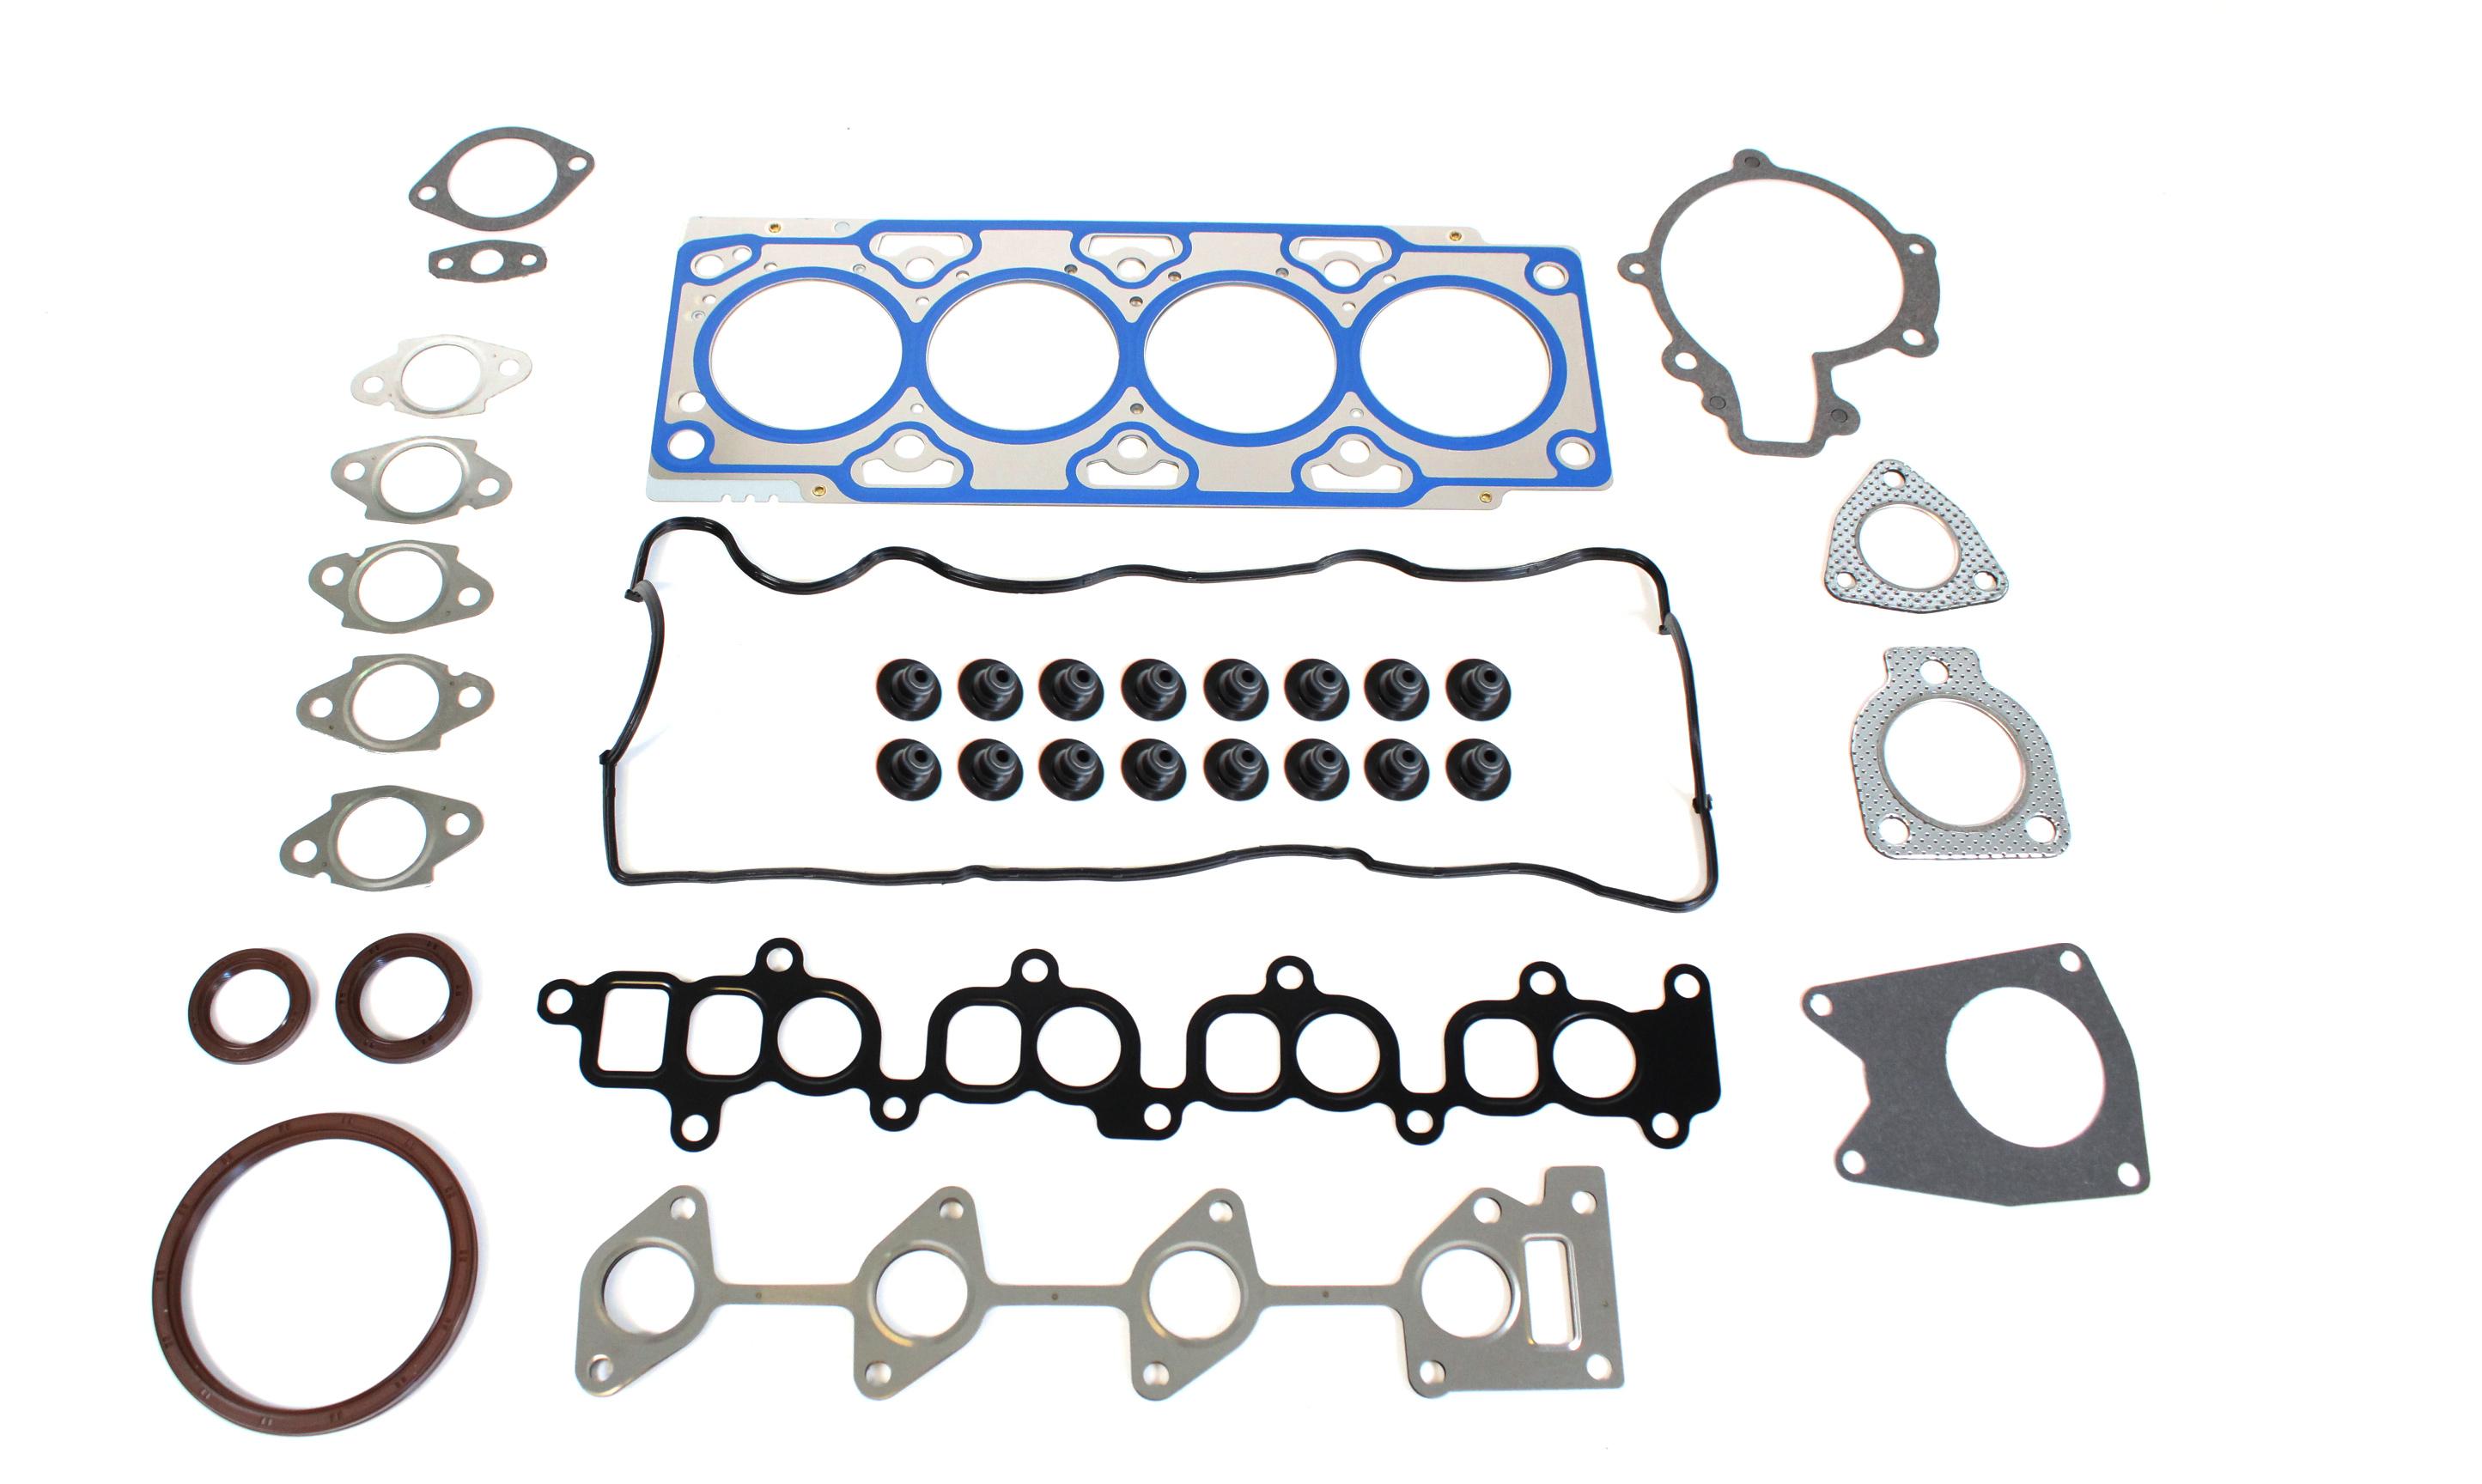 Zylinderkopfdichtung Dichtungssatz Opel Antara L07 2,0 CDTI Z20DM 93744254 NEU